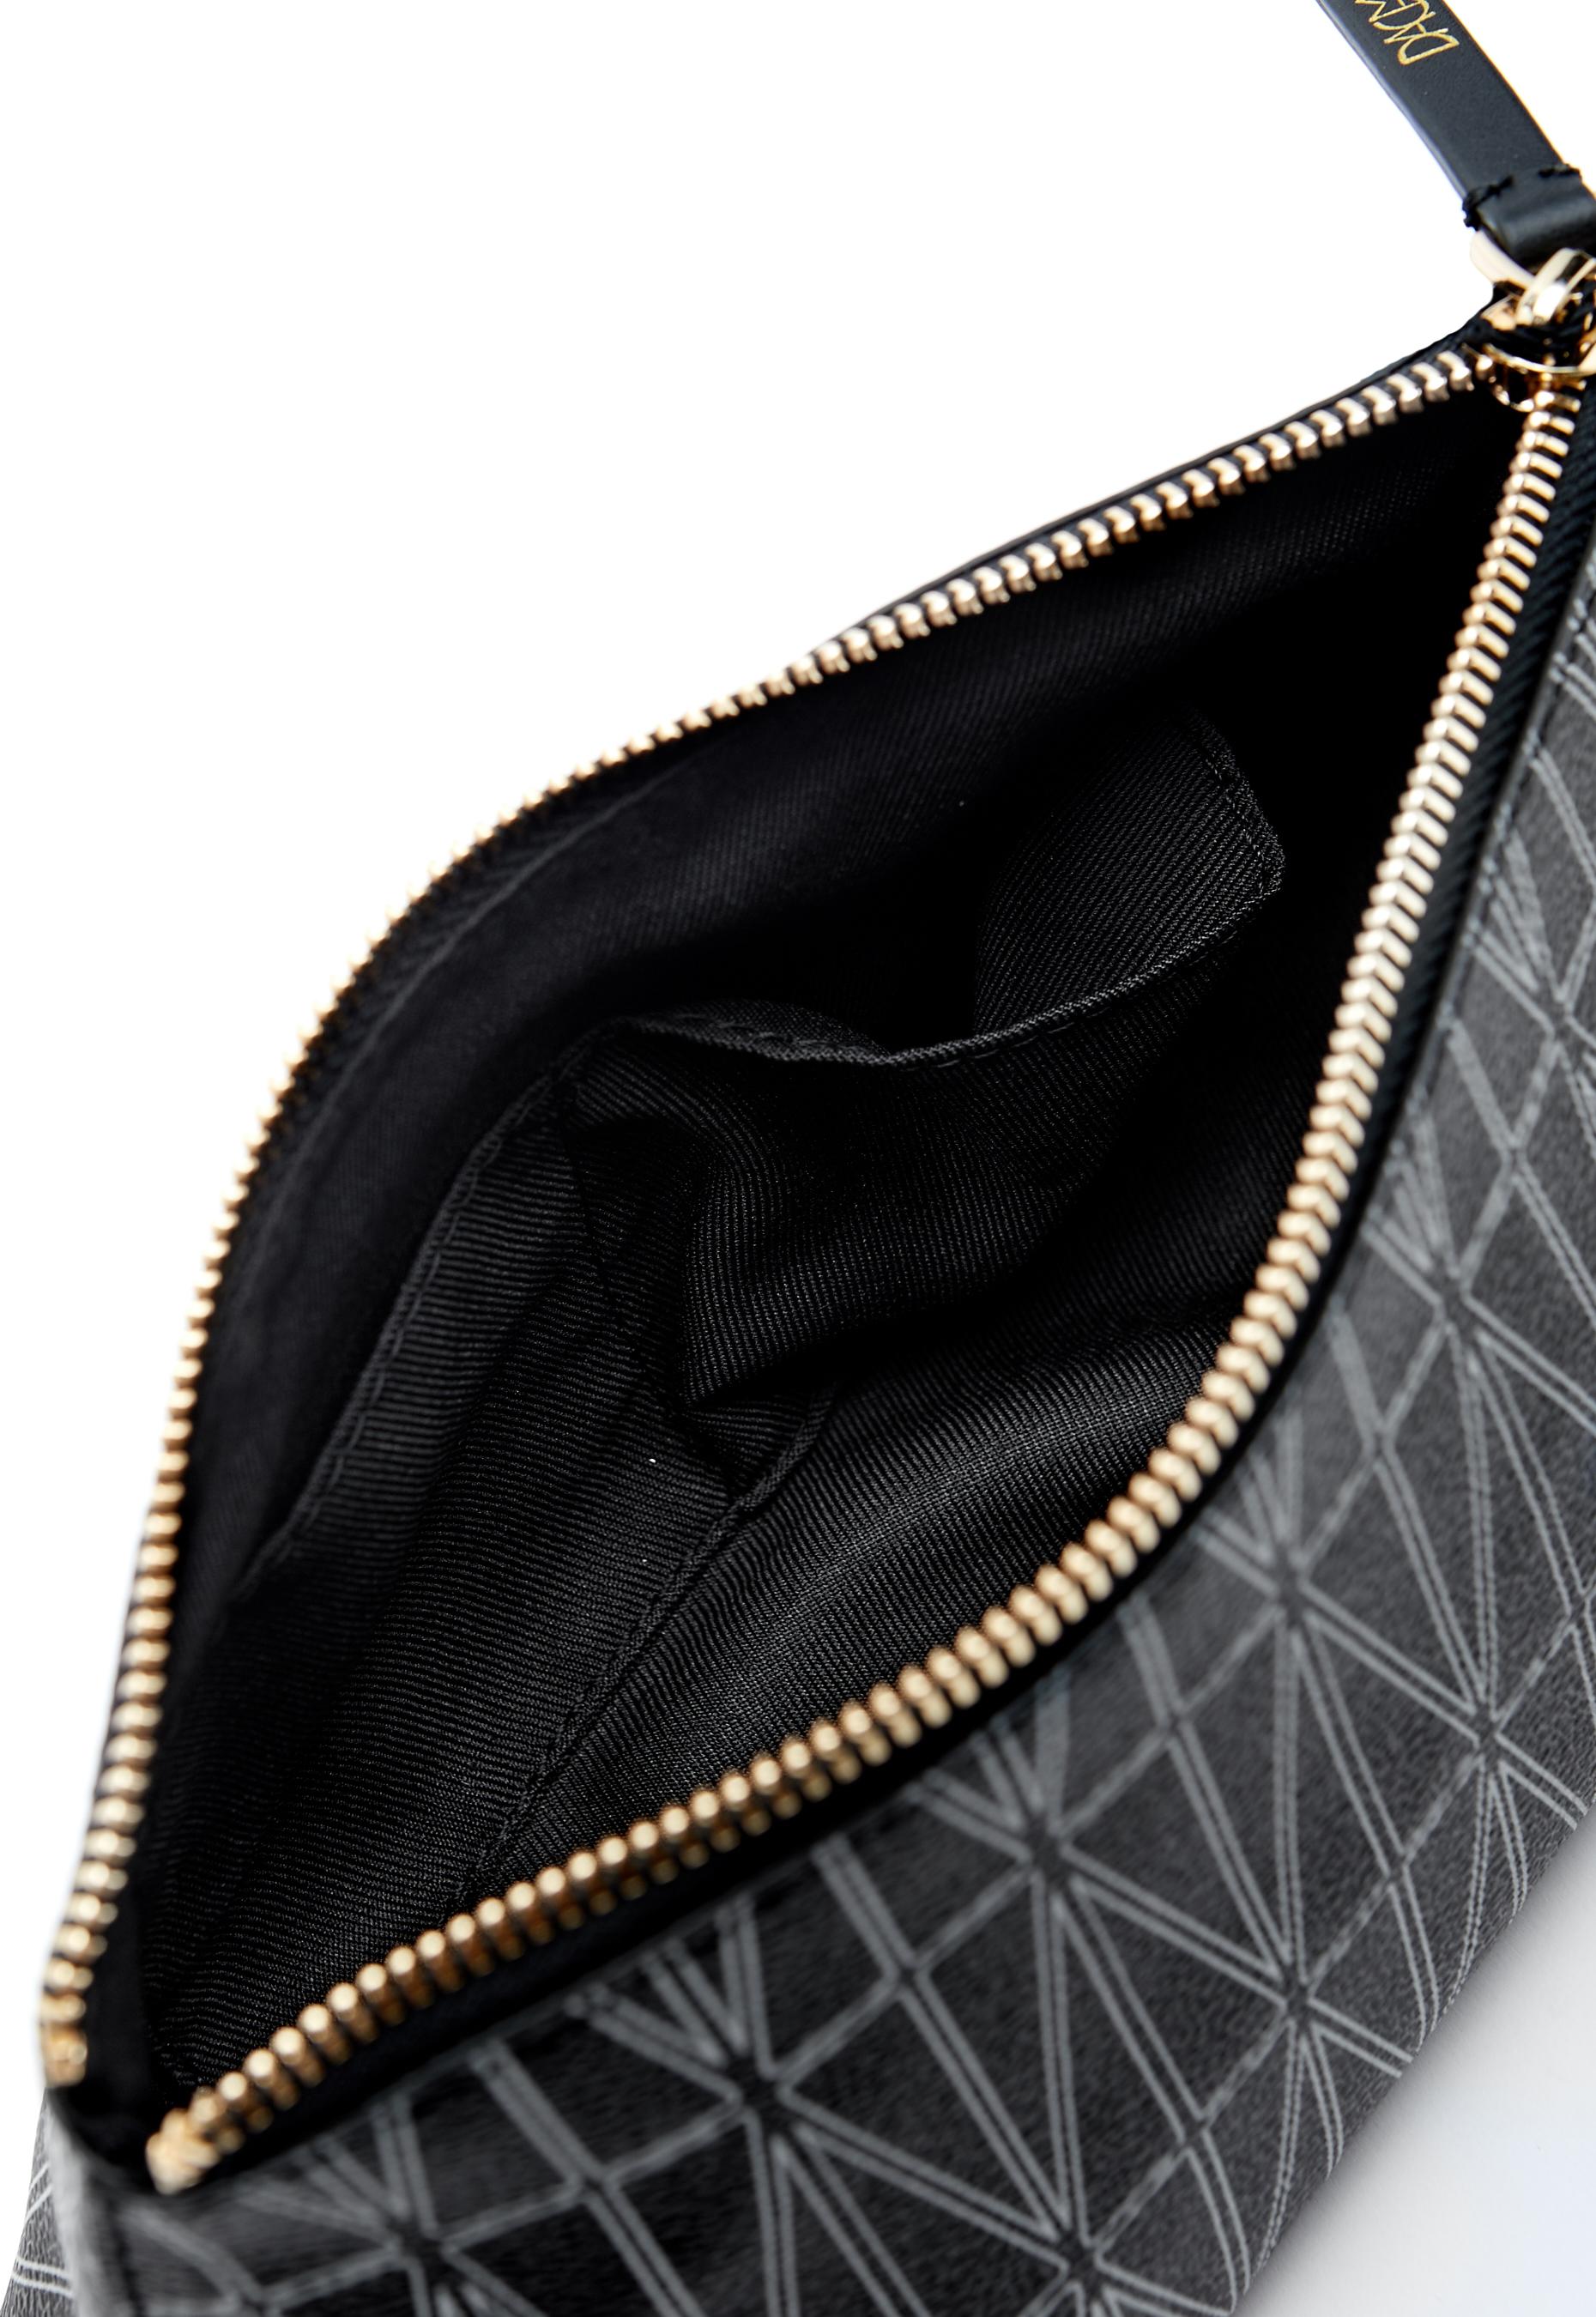 DAGMAR Cara make up bag Black - Bubbleroom 3714d916b4cf6